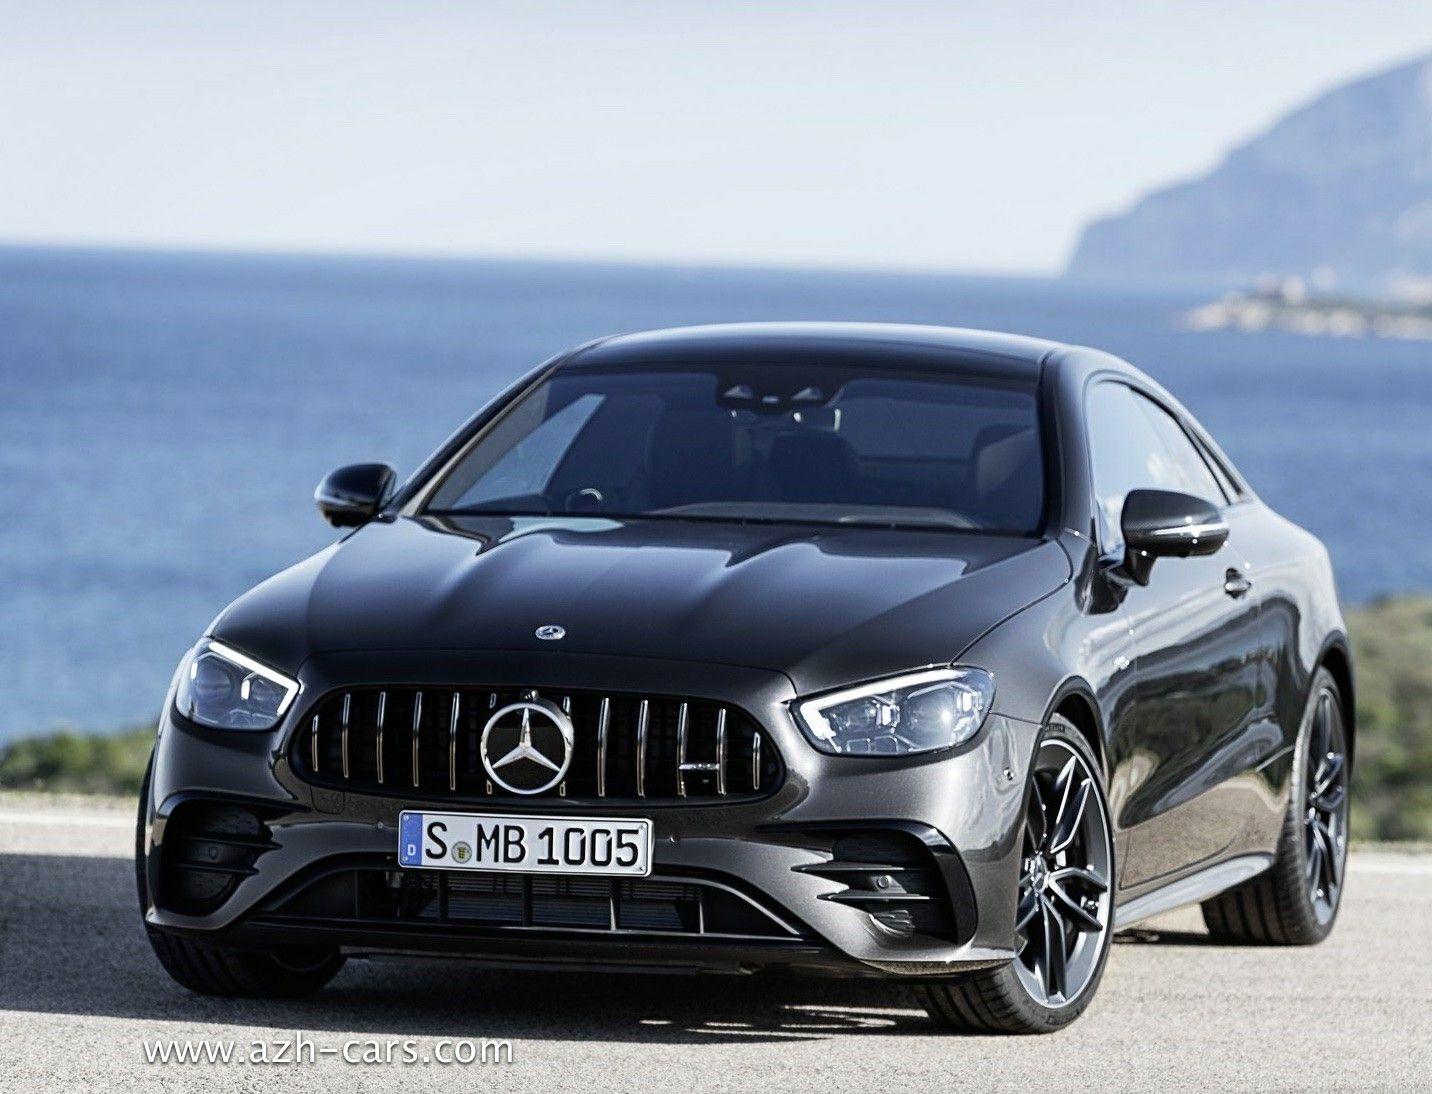 Pin de li rsbo em Carros de luxo em 2020 Carros de luxo